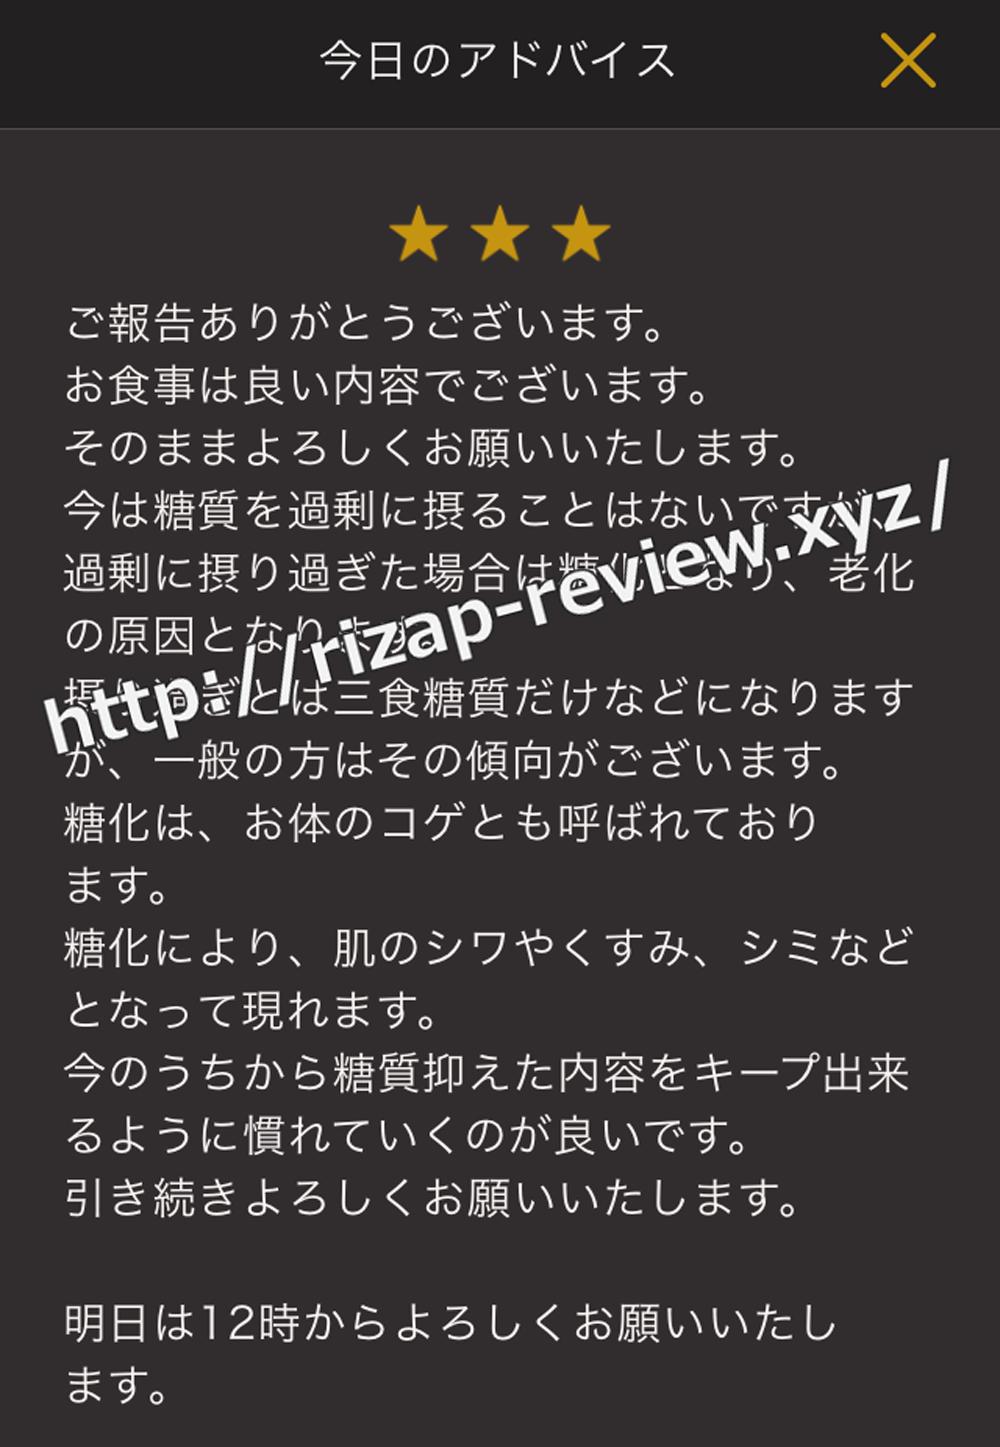 2018.1.9(水)ライザップ担当トレーナーからの総評・コメント